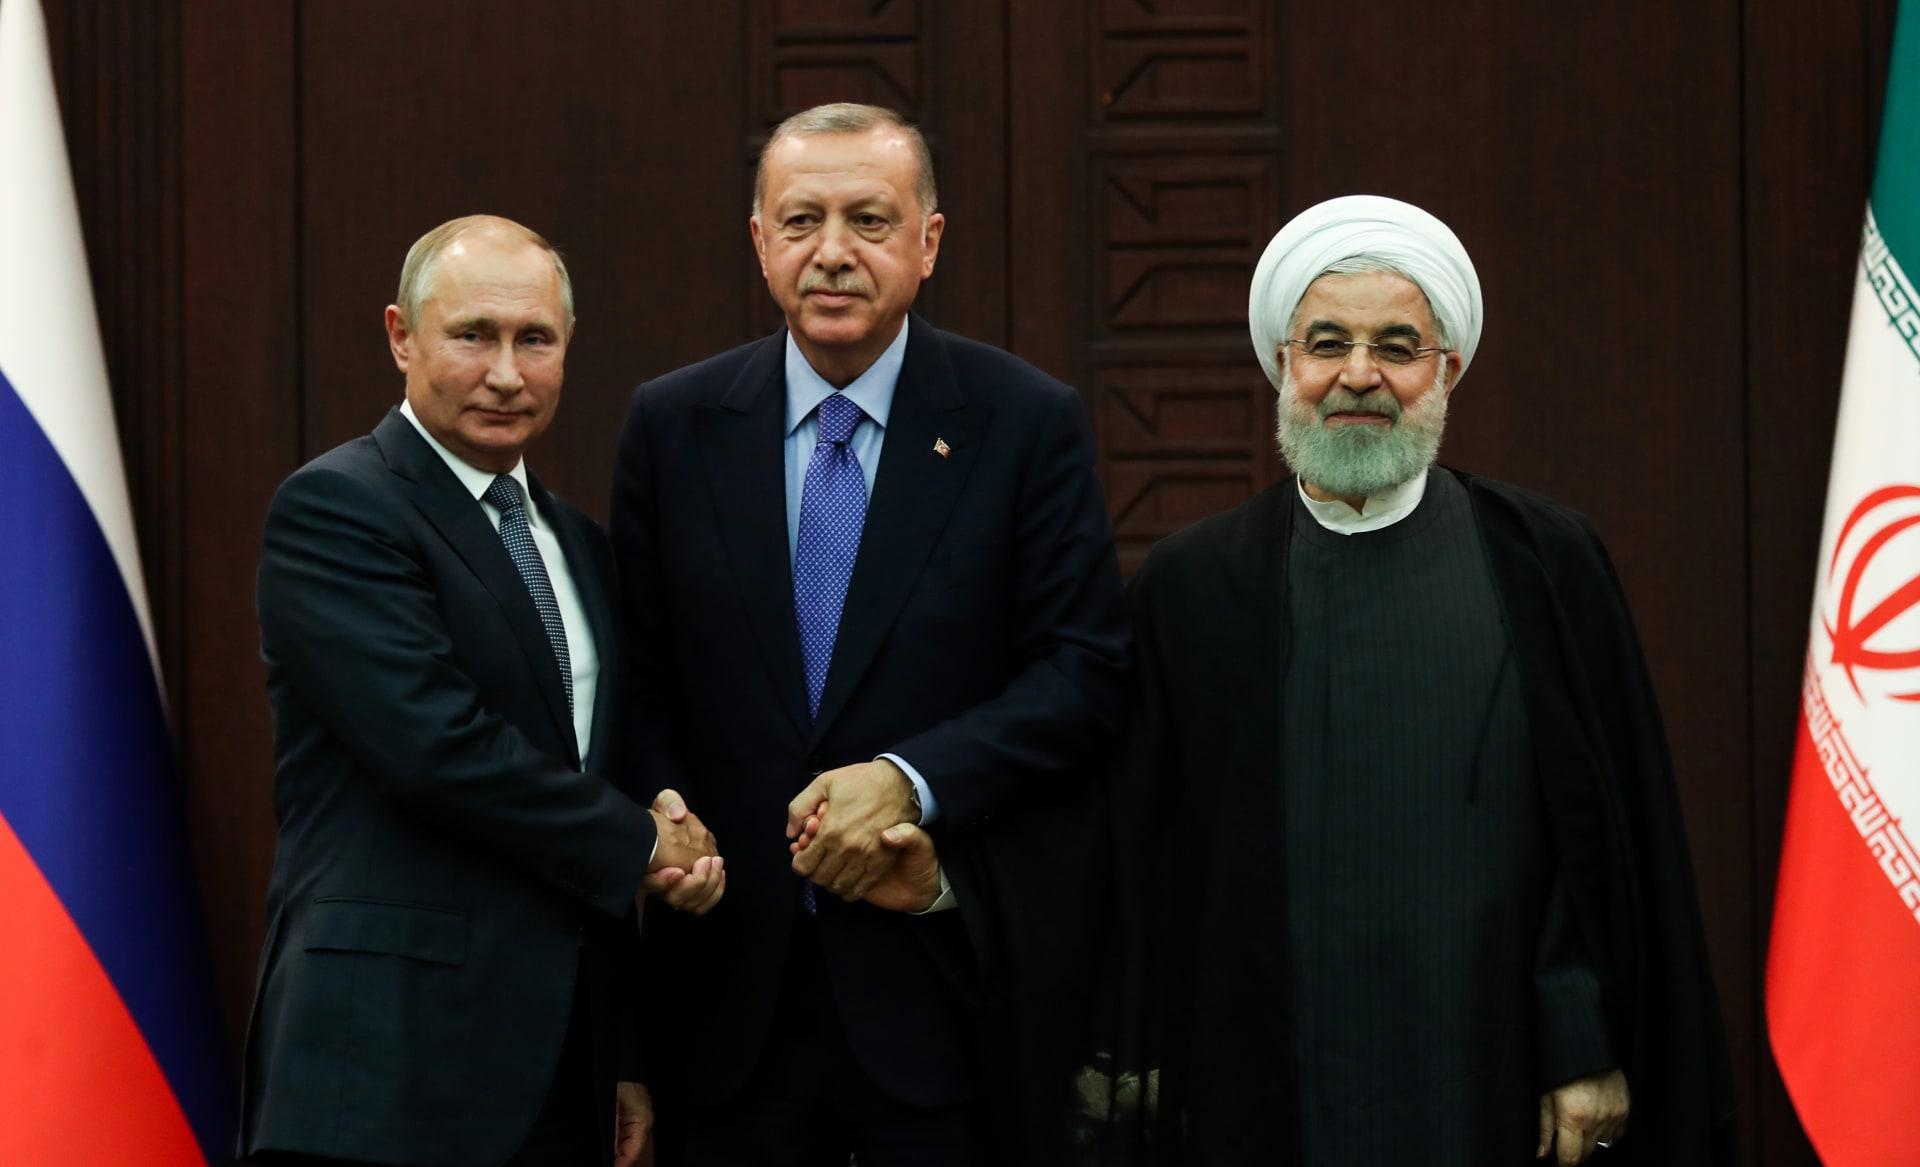 صورة من اجتماع أردوغان وروحاني وبوتين حول سوريا بأنقرة في 16 سبتمبر/ أيلول 2019